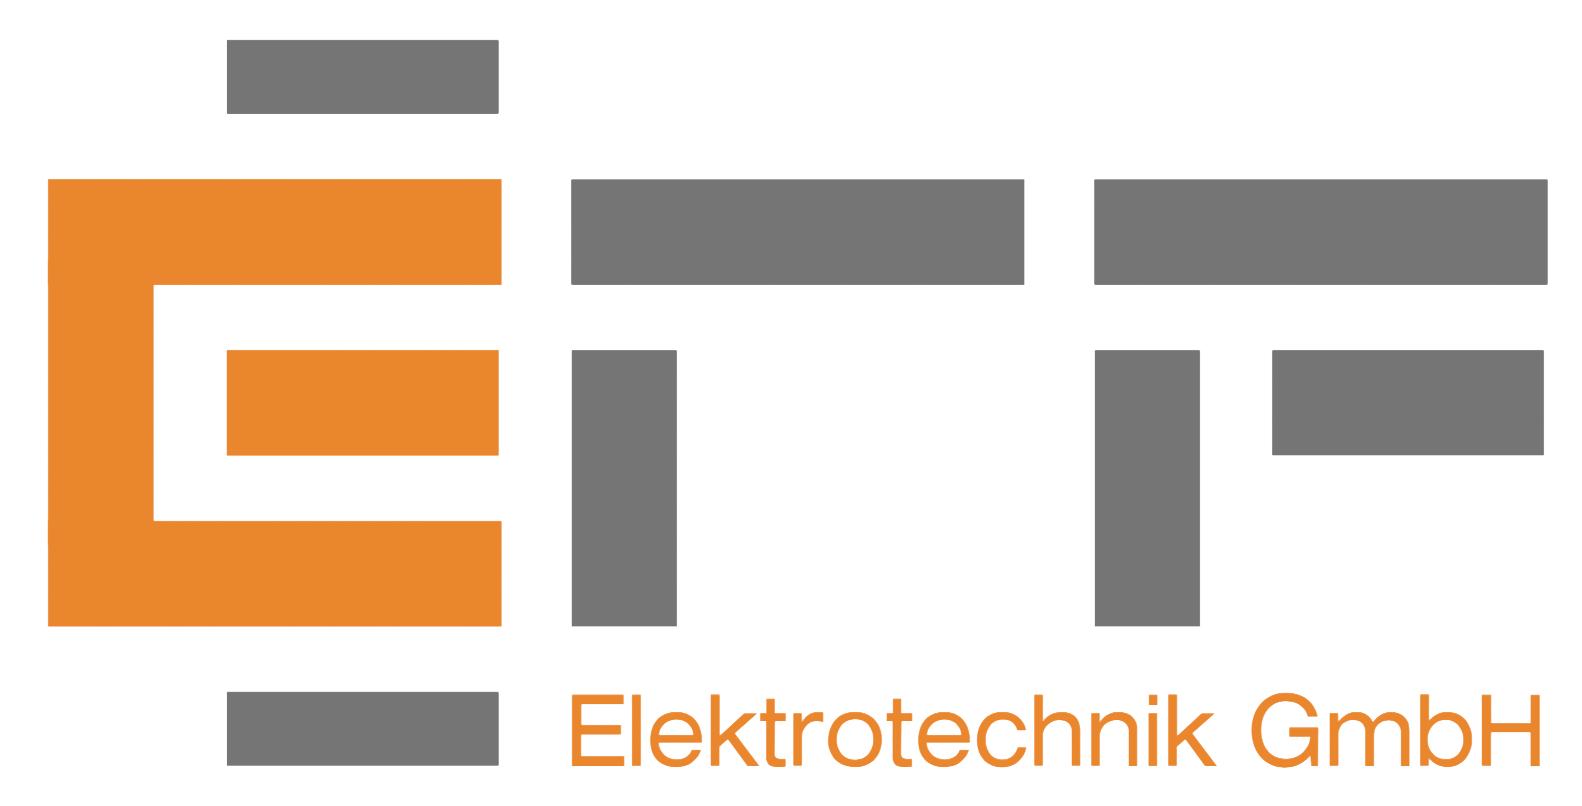 ETF Elektrotechnik GmbH aus dem Bezirk Grieskirchen - OÖ | Elektroinstallation, Steuerungsbau, E-Verteiler, Sat, Netzwerktechnik, Blitzschutz, Anlagenbuch, EPLAN, EPLAN5, EPLAN 5, EPLAN P8, E-Planung, E-Konstruktion, Elektroplanung, Retrofit, EPLAN5 in P8, EMSR